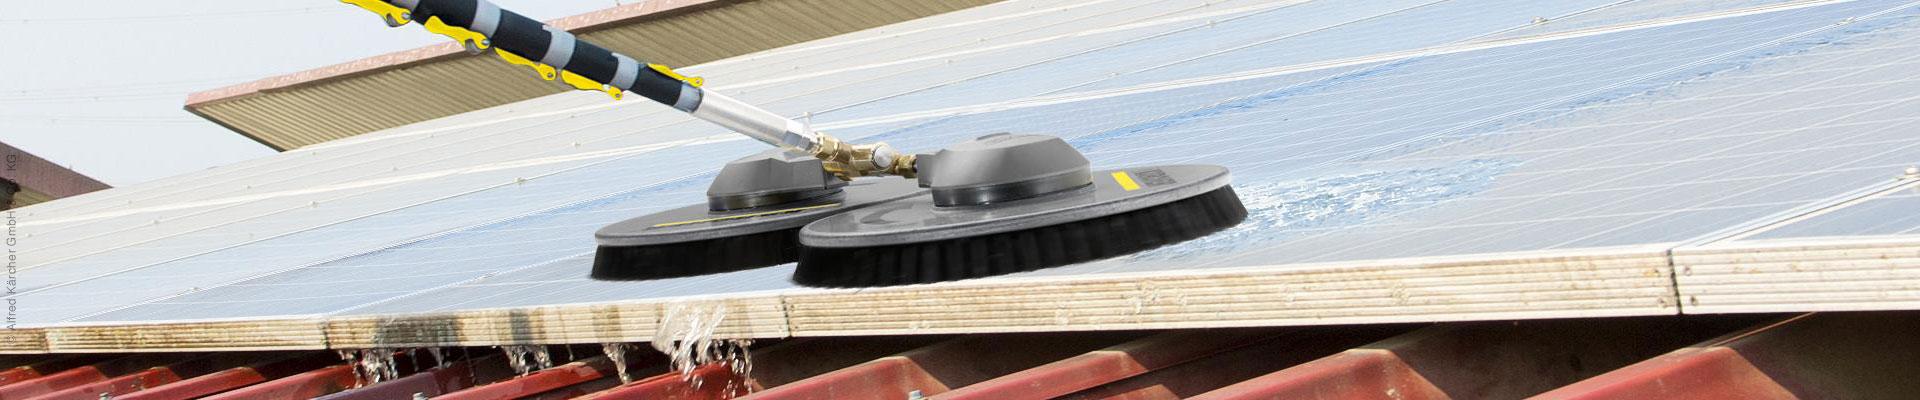 Reinigung von Photovoltaik- und Solaranlagen